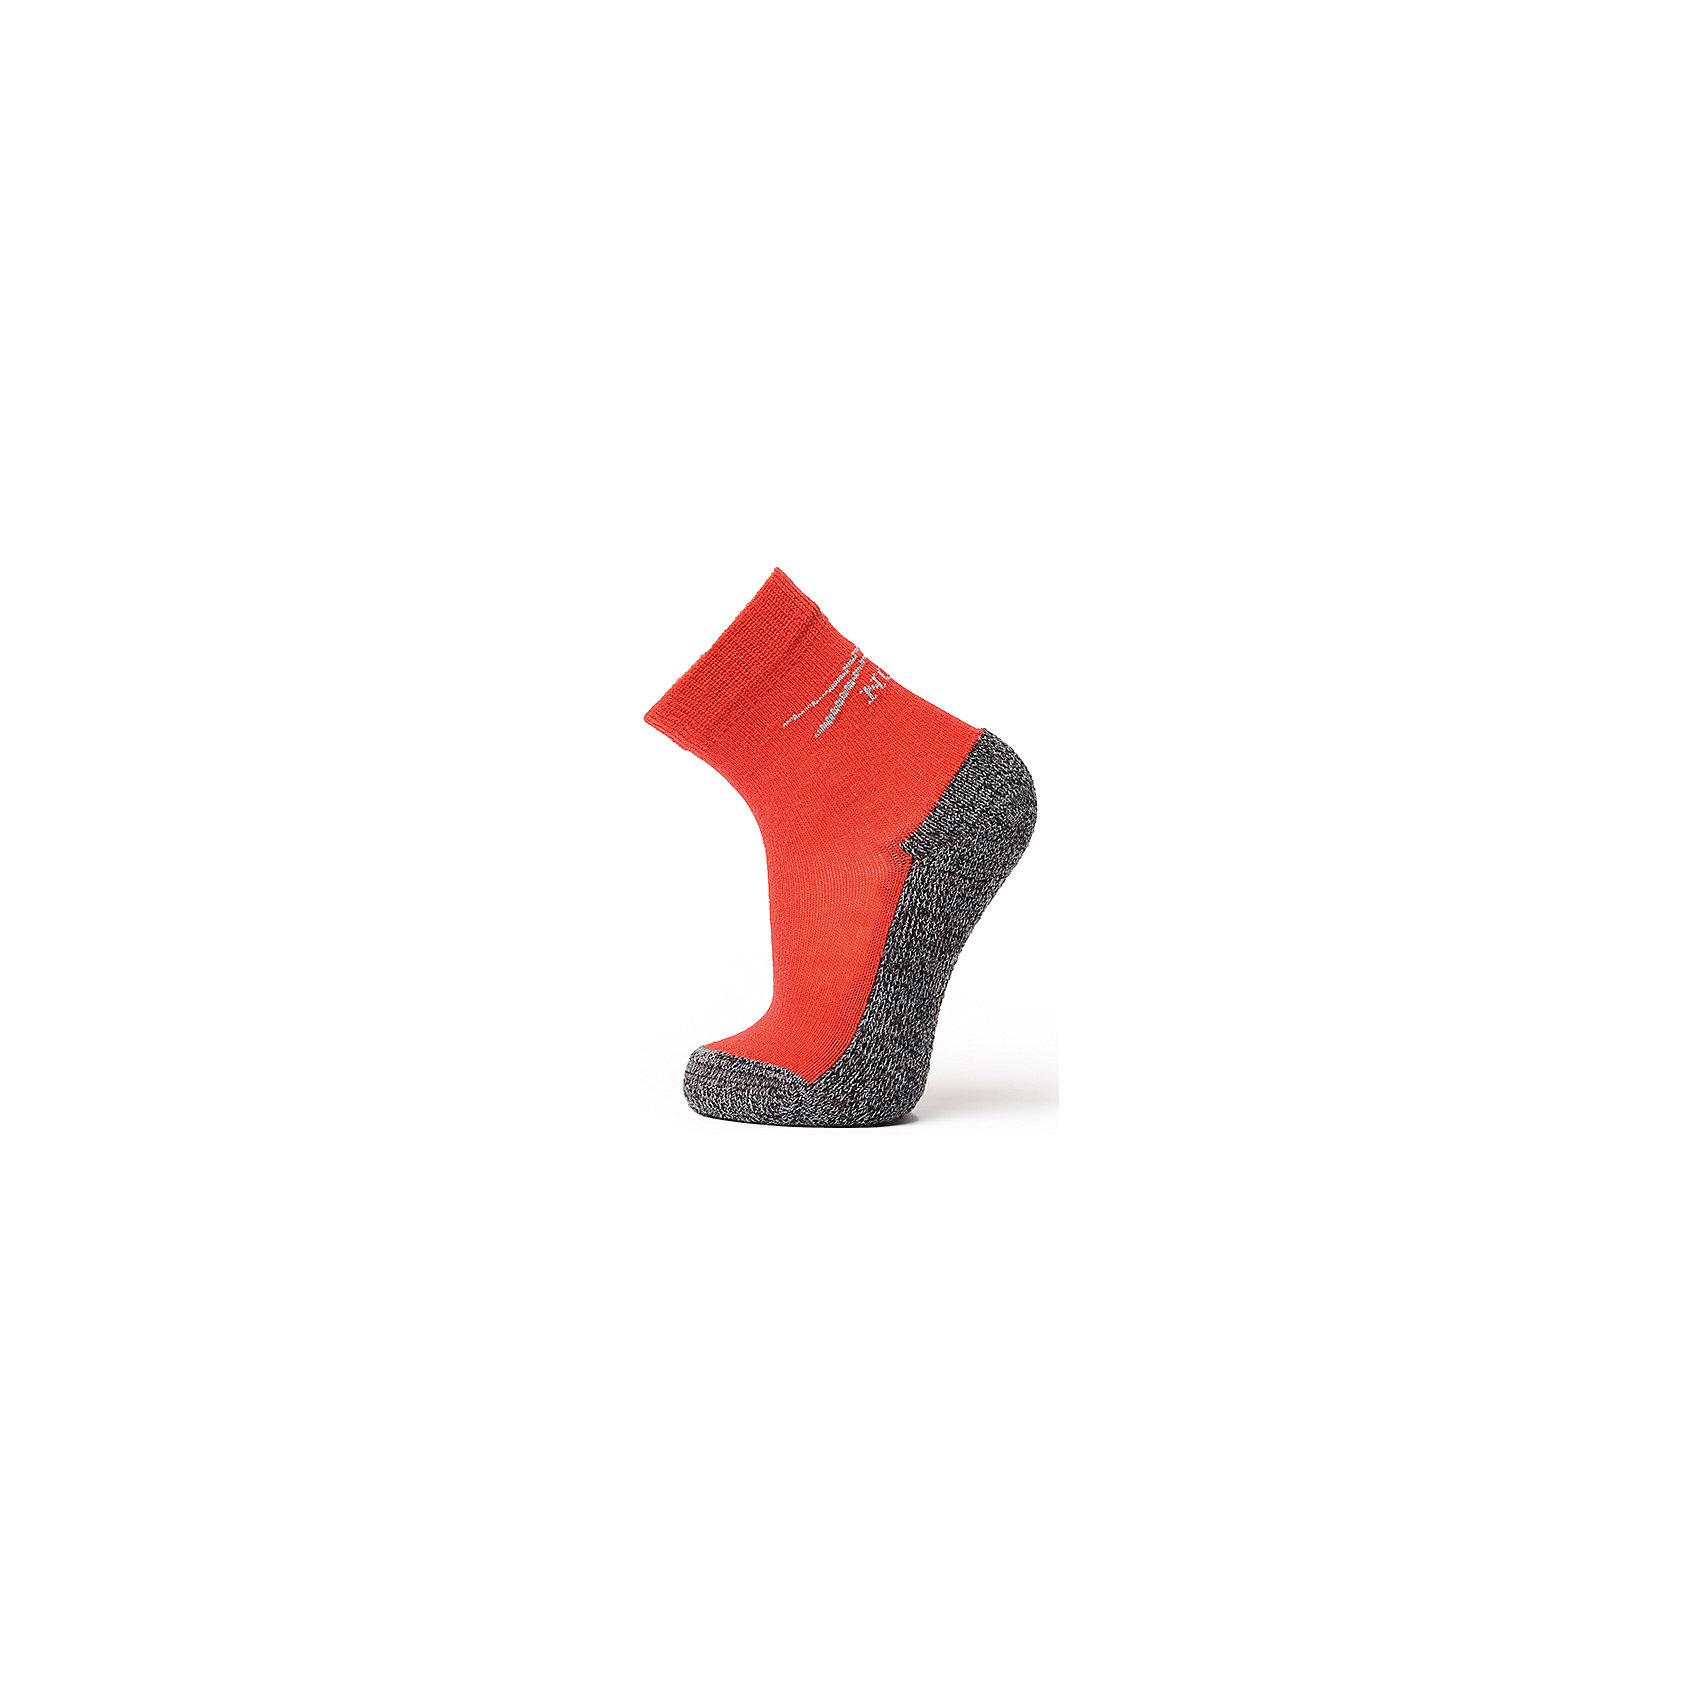 Термоноски NorvegТермоноски от известного бренда Norveg<br><br>Термоноски Norveg Multifunctional от немецкой компании Norveg (Норвег) - это удобная и красивая одежда, которая обеспечит комфортную терморегуляцию тела и на улице, и в помещении. <br>Они сделаны из шерсти мериноса (австралийской тонкорунной овцы), которая обладает гипоаллергенными свойствами, поэтому не вызывает раздражения, даже если надета на голое тело. Добавление <br>волокна с антибактериальной обработкой Polycolon помогает выводить влагу от тела. Также поликолон мешает загрязнению и повышает износоустойчивость. <br><br>Отличительные особенности модели:<br><br>- цвет: красный;<br>- анатомические резинки;<br>- материал впитывает влагу и сразу выводит наружу;<br>- анатомический крой;<br>- подходит и мальчикам, и девочкам;<br>- дополнительная фиксация в районе свода стопы;<br>- анатомическая пятка;<br>- рельефный плюш: дополнительное утепление и амортизация;<br>- бесшовный мысок.<br><br>Дополнительная информация:<br><br>- Температурный режим: от - 20° С  до +10° С.<br><br>- Состав: 65% шерсть мериносов, 15% полиэстер, 5% эластан, 15% поликолон<br><br>Носки Norveg (Норвег) можно купить в нашем магазине.<br><br>Ширина мм: 87<br>Глубина мм: 10<br>Высота мм: 105<br>Вес г: 115<br>Цвет: красный<br>Возраст от месяцев: 6<br>Возраст до месяцев: 9<br>Пол: Унисекс<br>Возраст: Детский<br>Размер: 19-22,23-26,27-30,35-38,31-34<br>SKU: 4224688